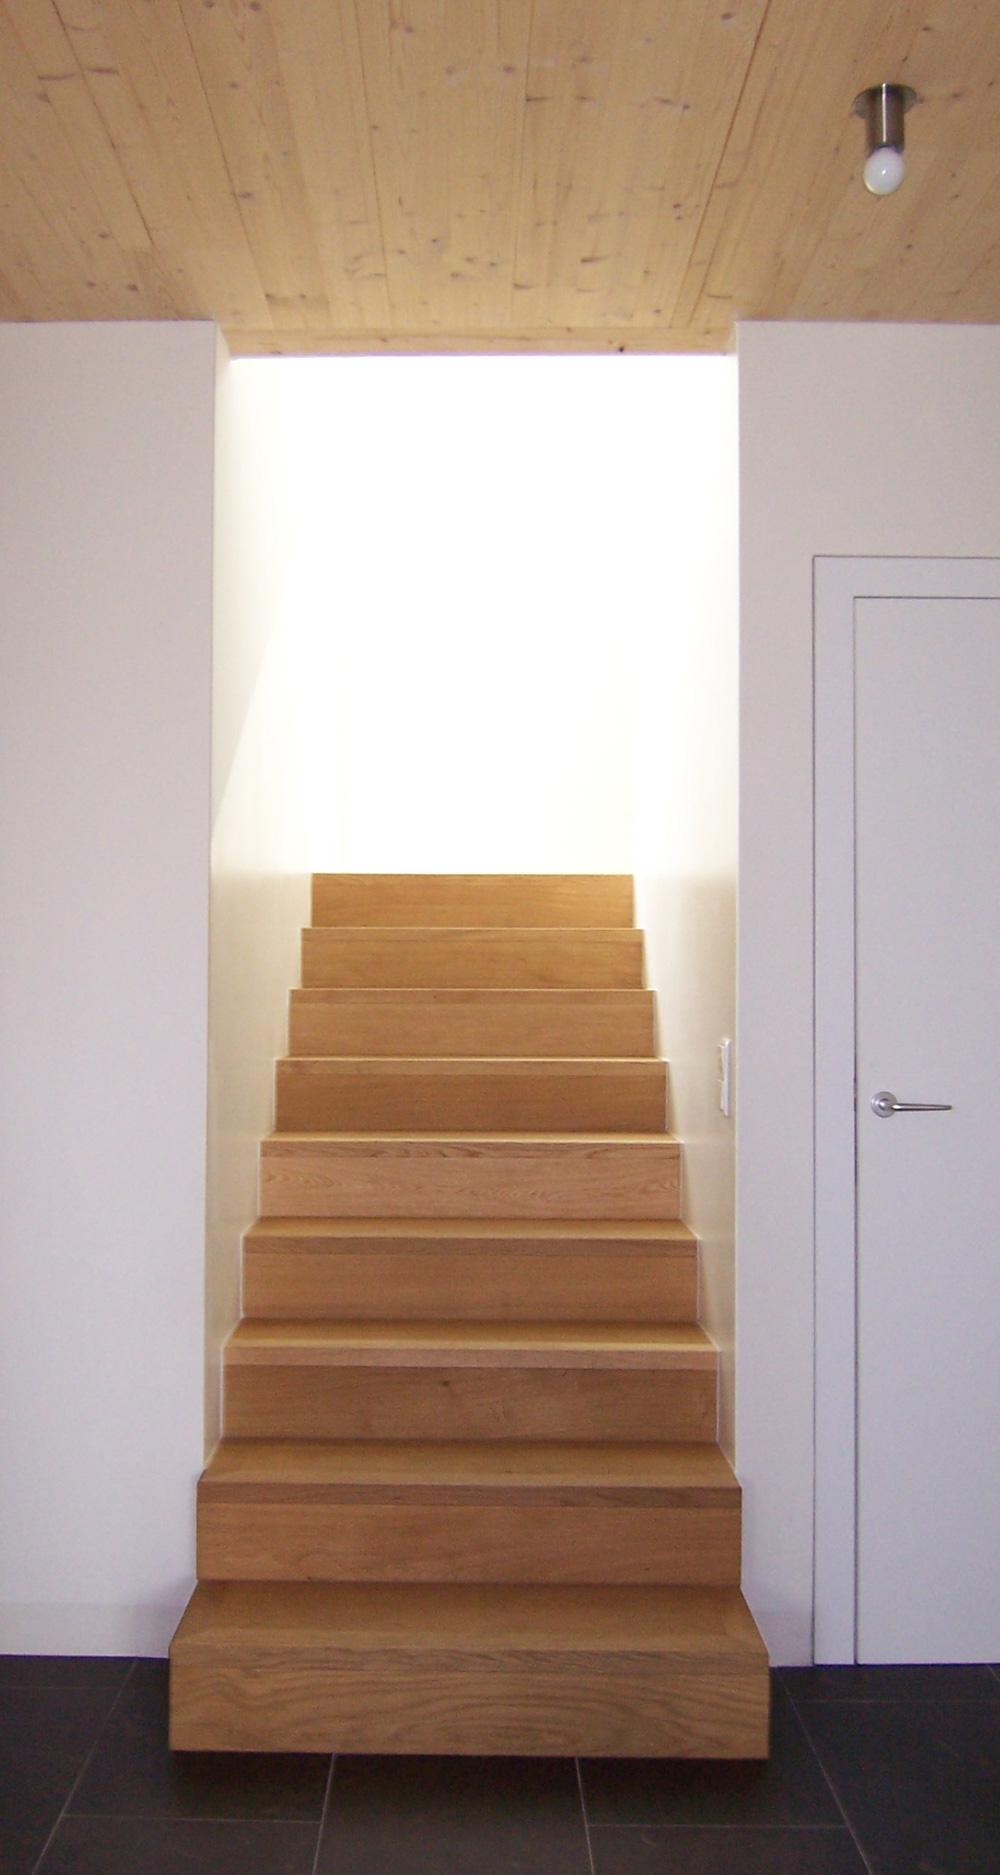 Wunderschön in den Wohnraum integrierte Holztreppe in einem Doppelhaus an der alten Donau